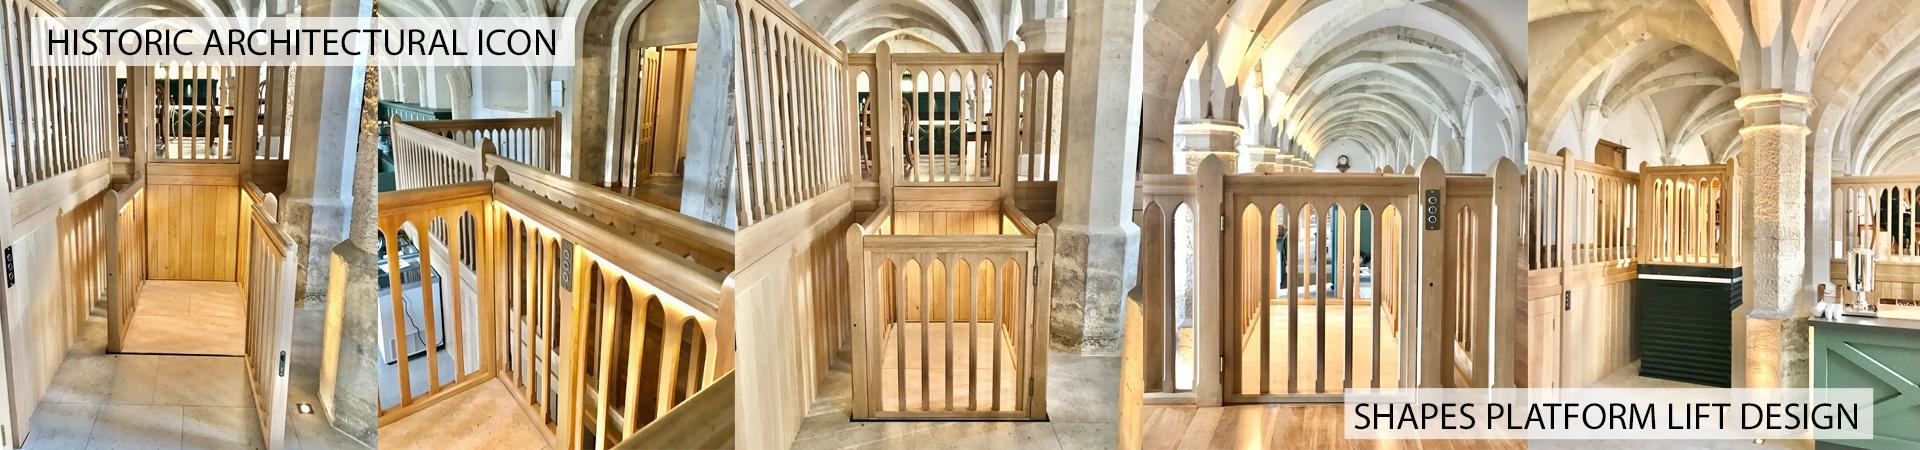 Wood platform lift